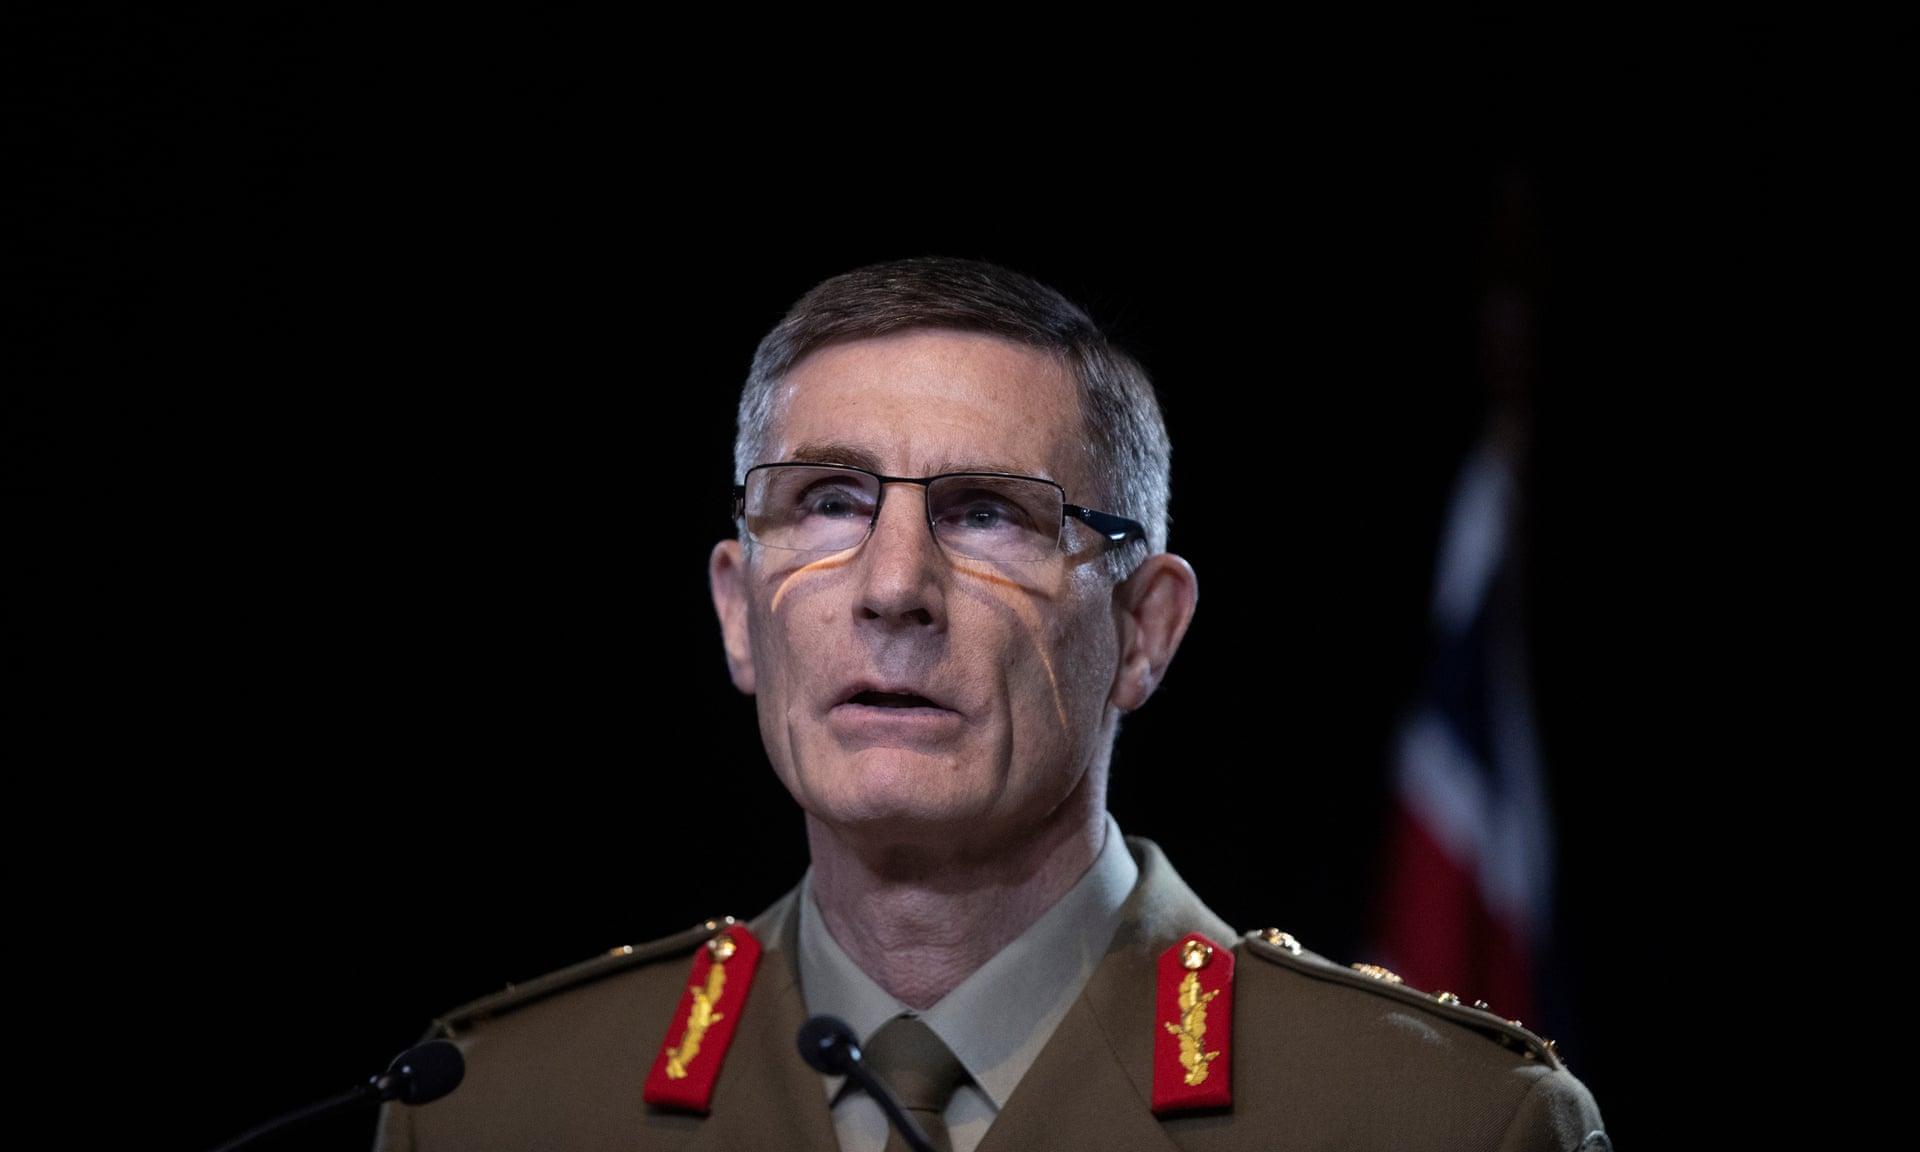 澳大利亚最高军事官员坎贝尔(卫报)